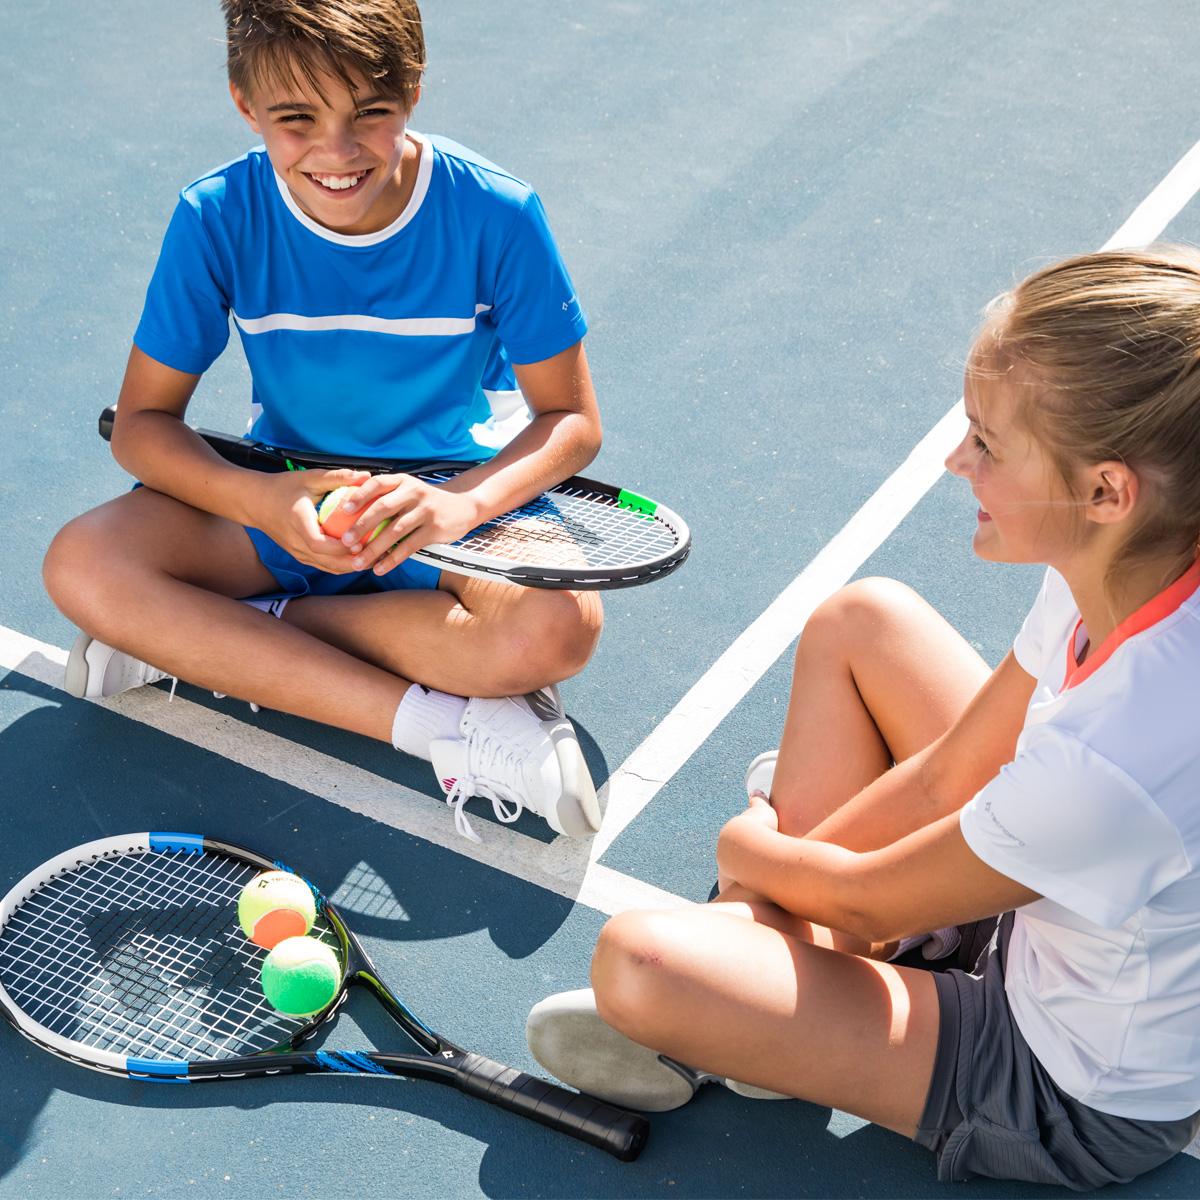 buy online accf9 0bd06 Tennisschuhe & Tennisausrüstung für Kinder | Tipps | INTERSPORT